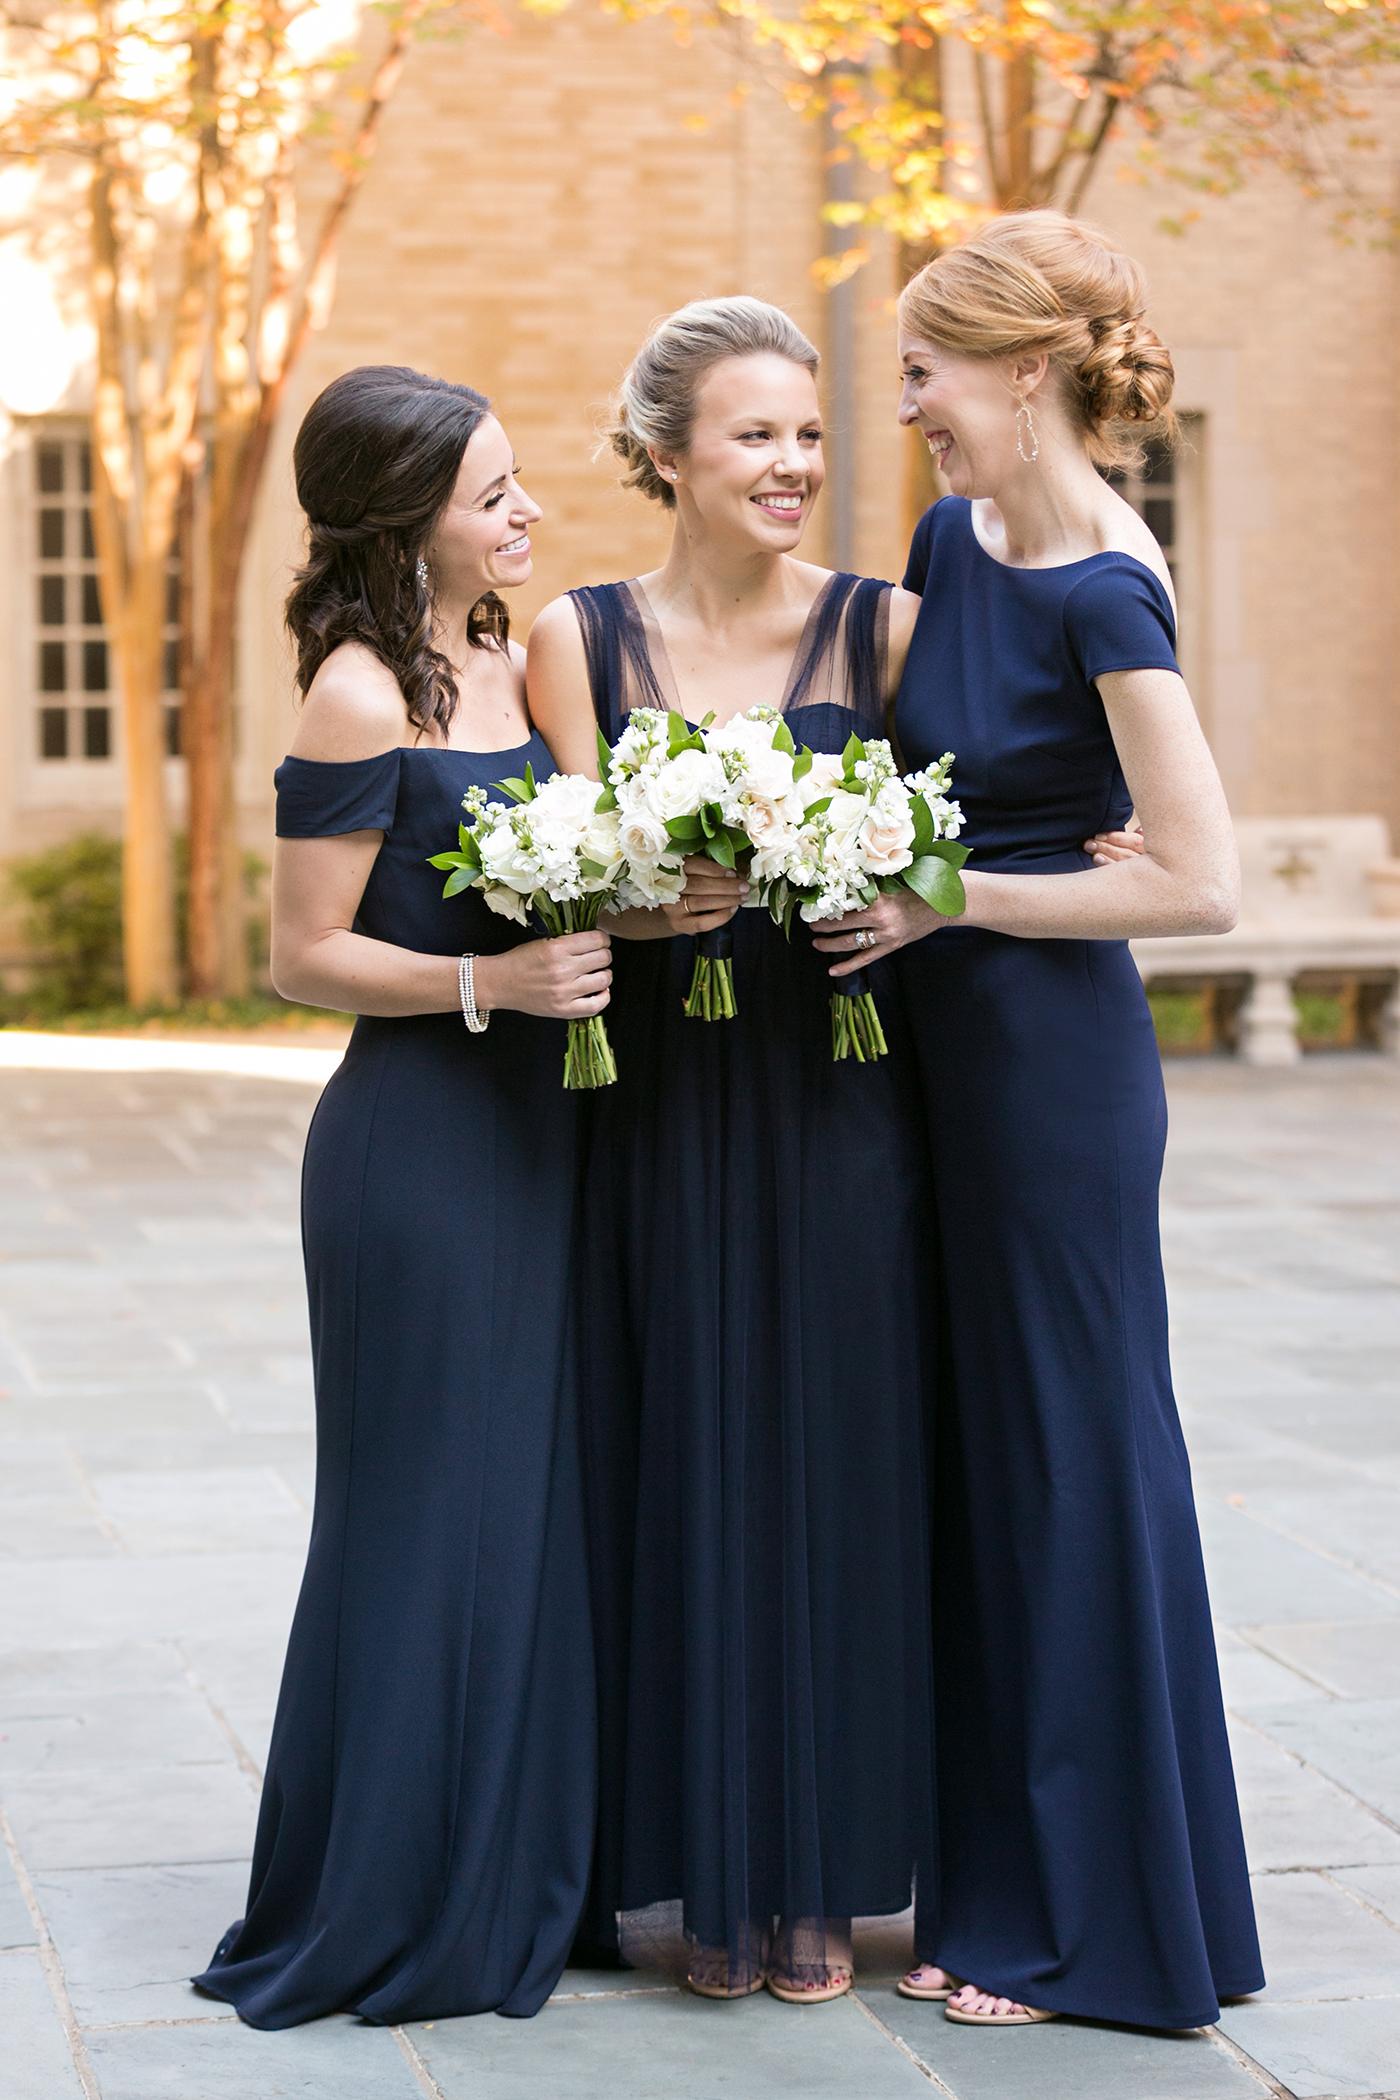 Dallas Wedding Planner - Allday Events - Classic Wedding at Dallas Scottish Rite - 239.jpg